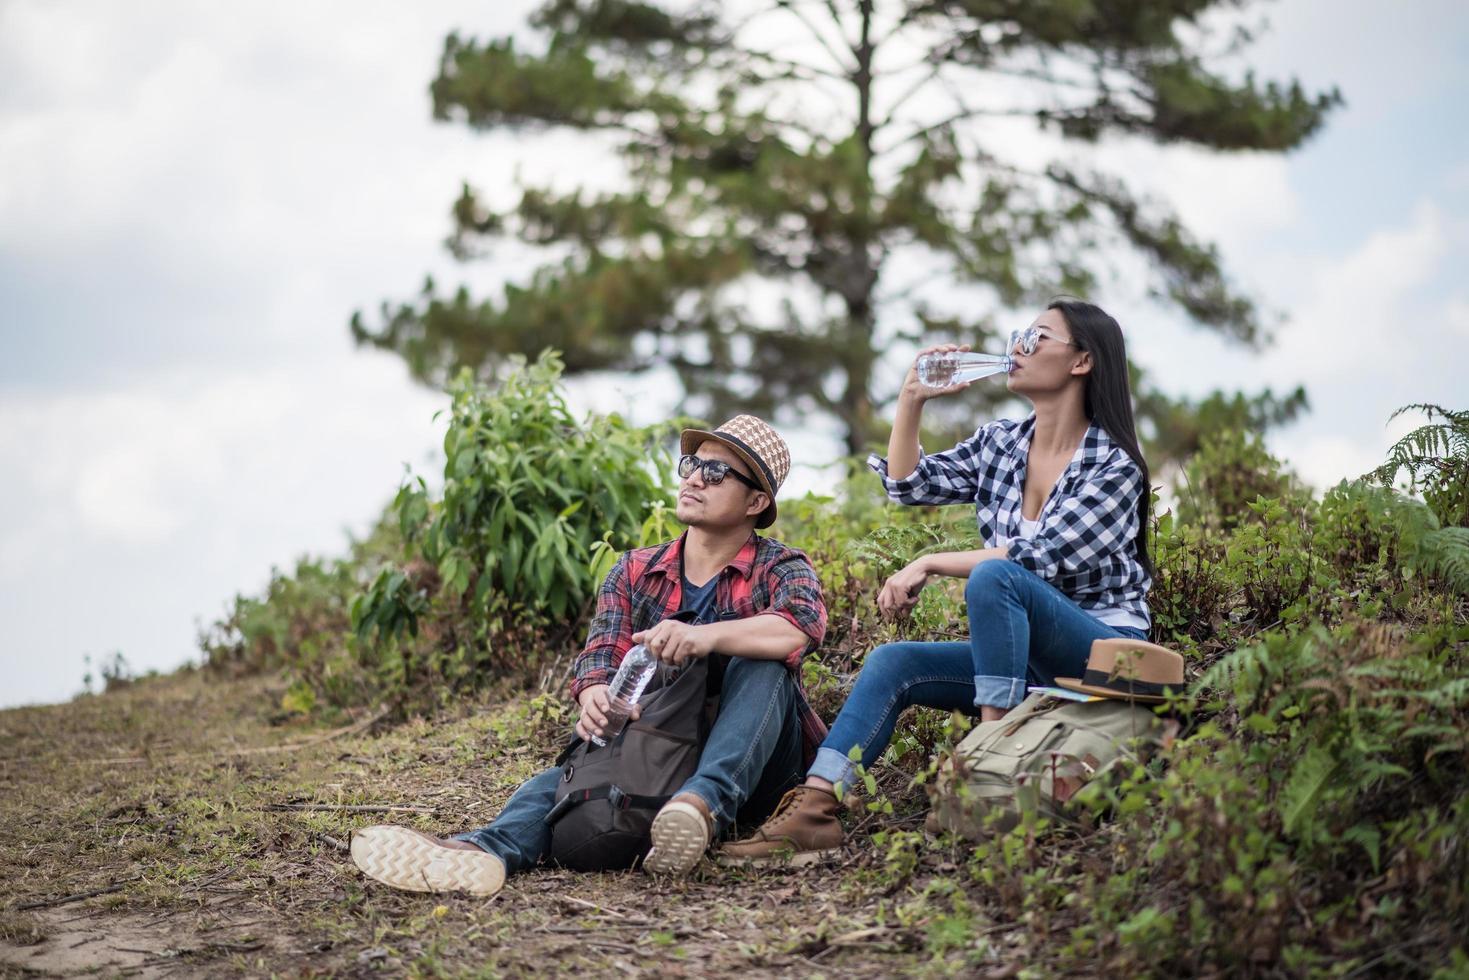 giovani escursionisti acqua potabile nella foresta foto